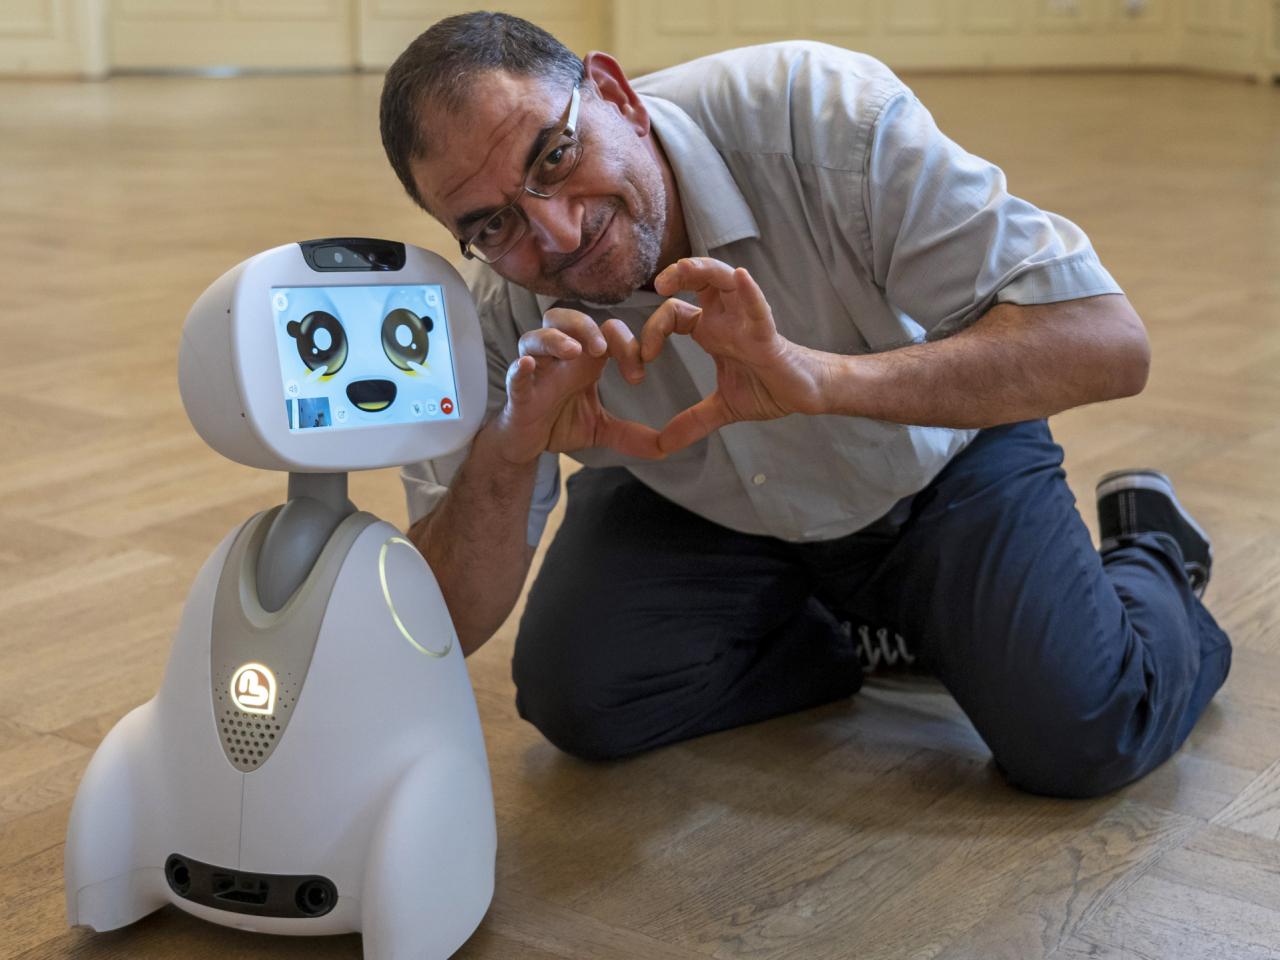 Mann hockt neben einem Roboter und formt mit den Händen ein Herz